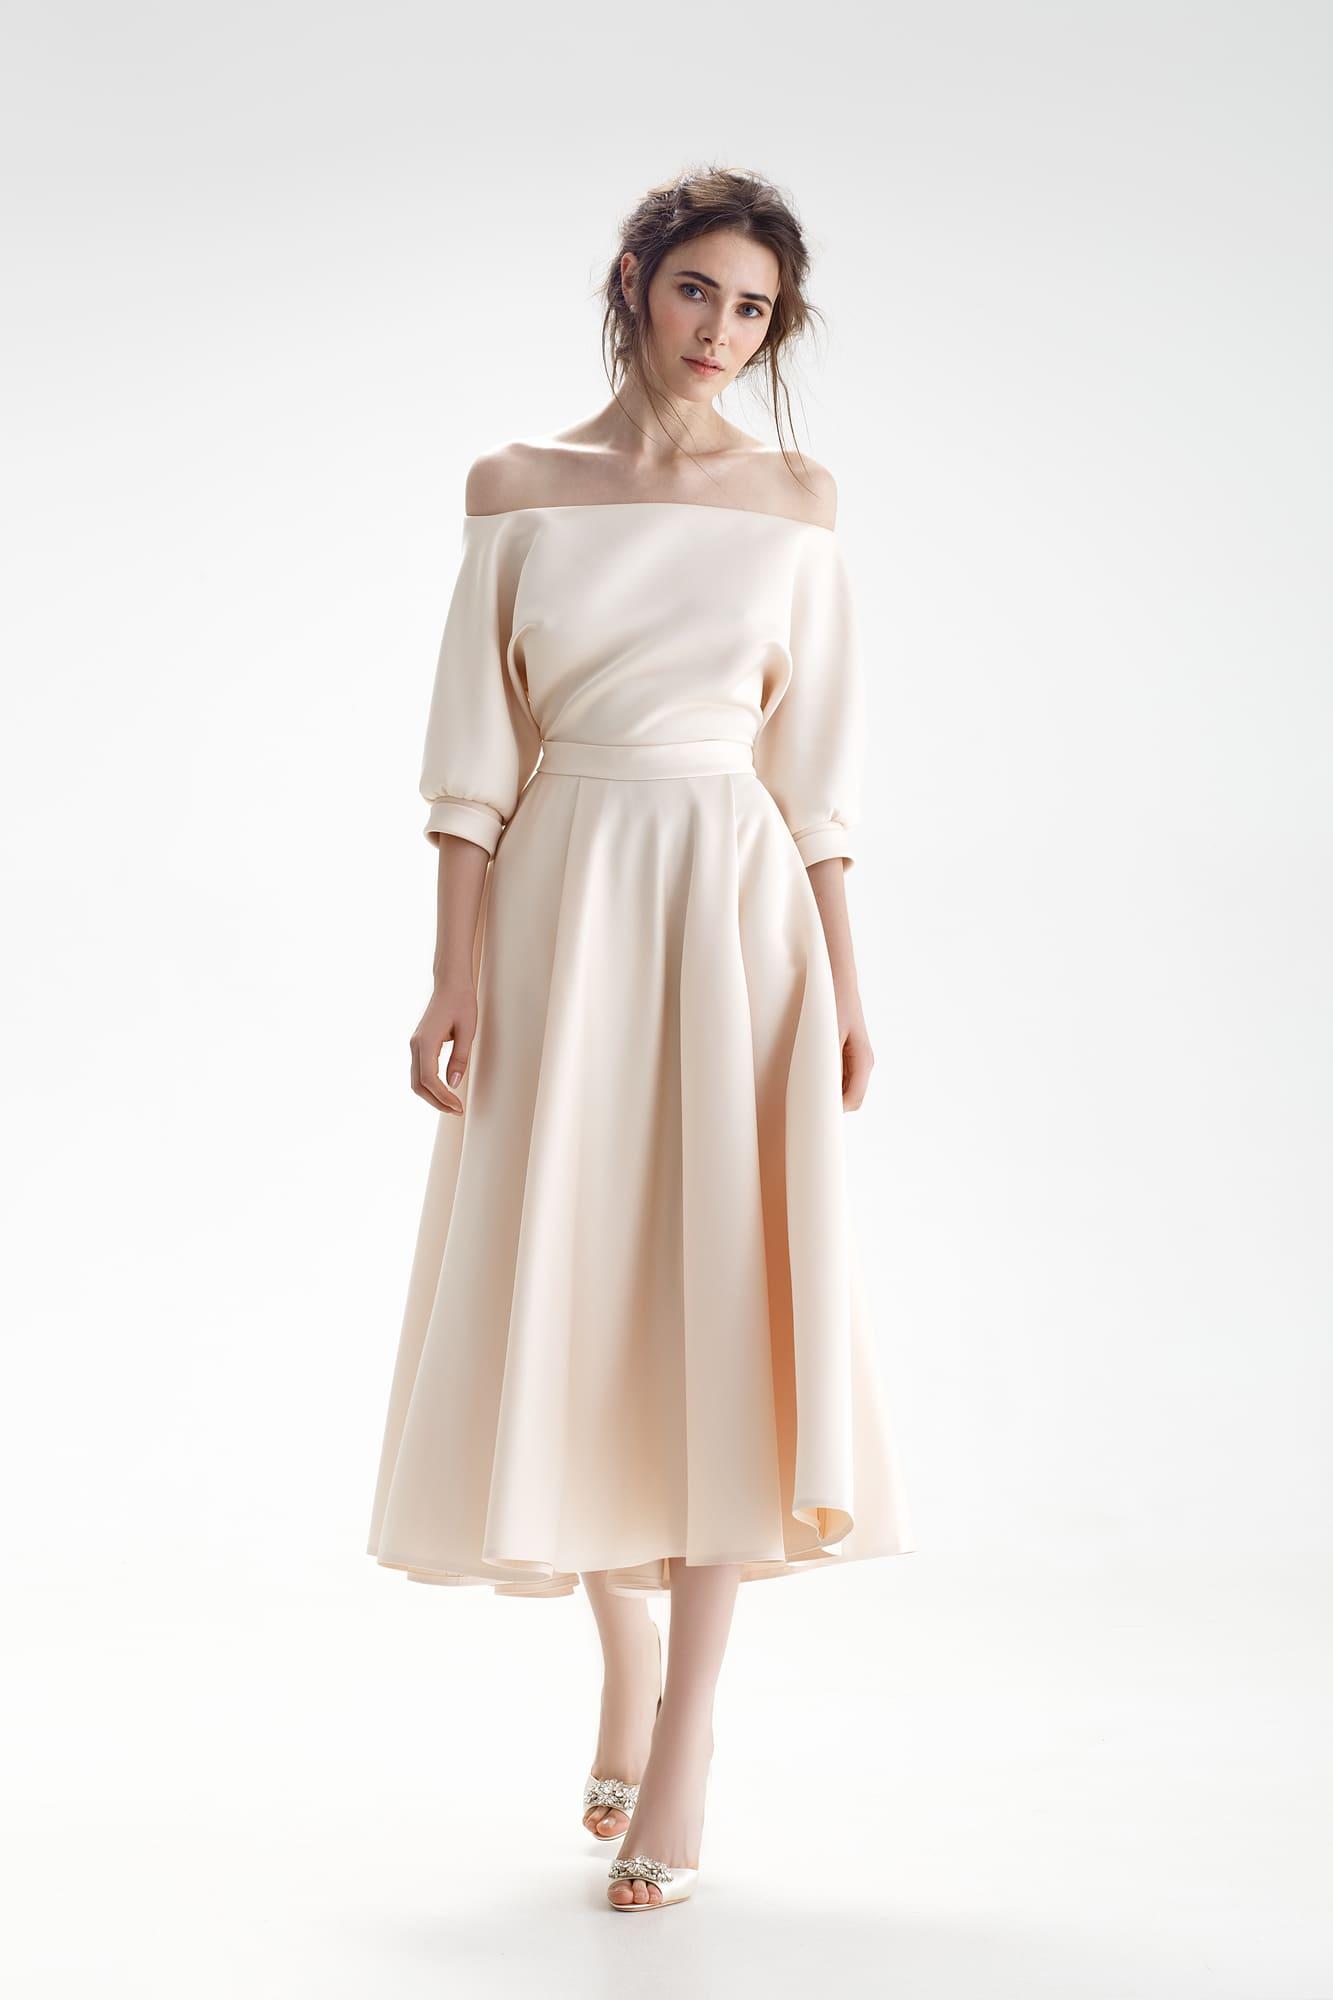 2f01802f1cda03d Свадебное платье бежевого цвета с юбкой длины миди и открытым верхом с  пышным рукавом.